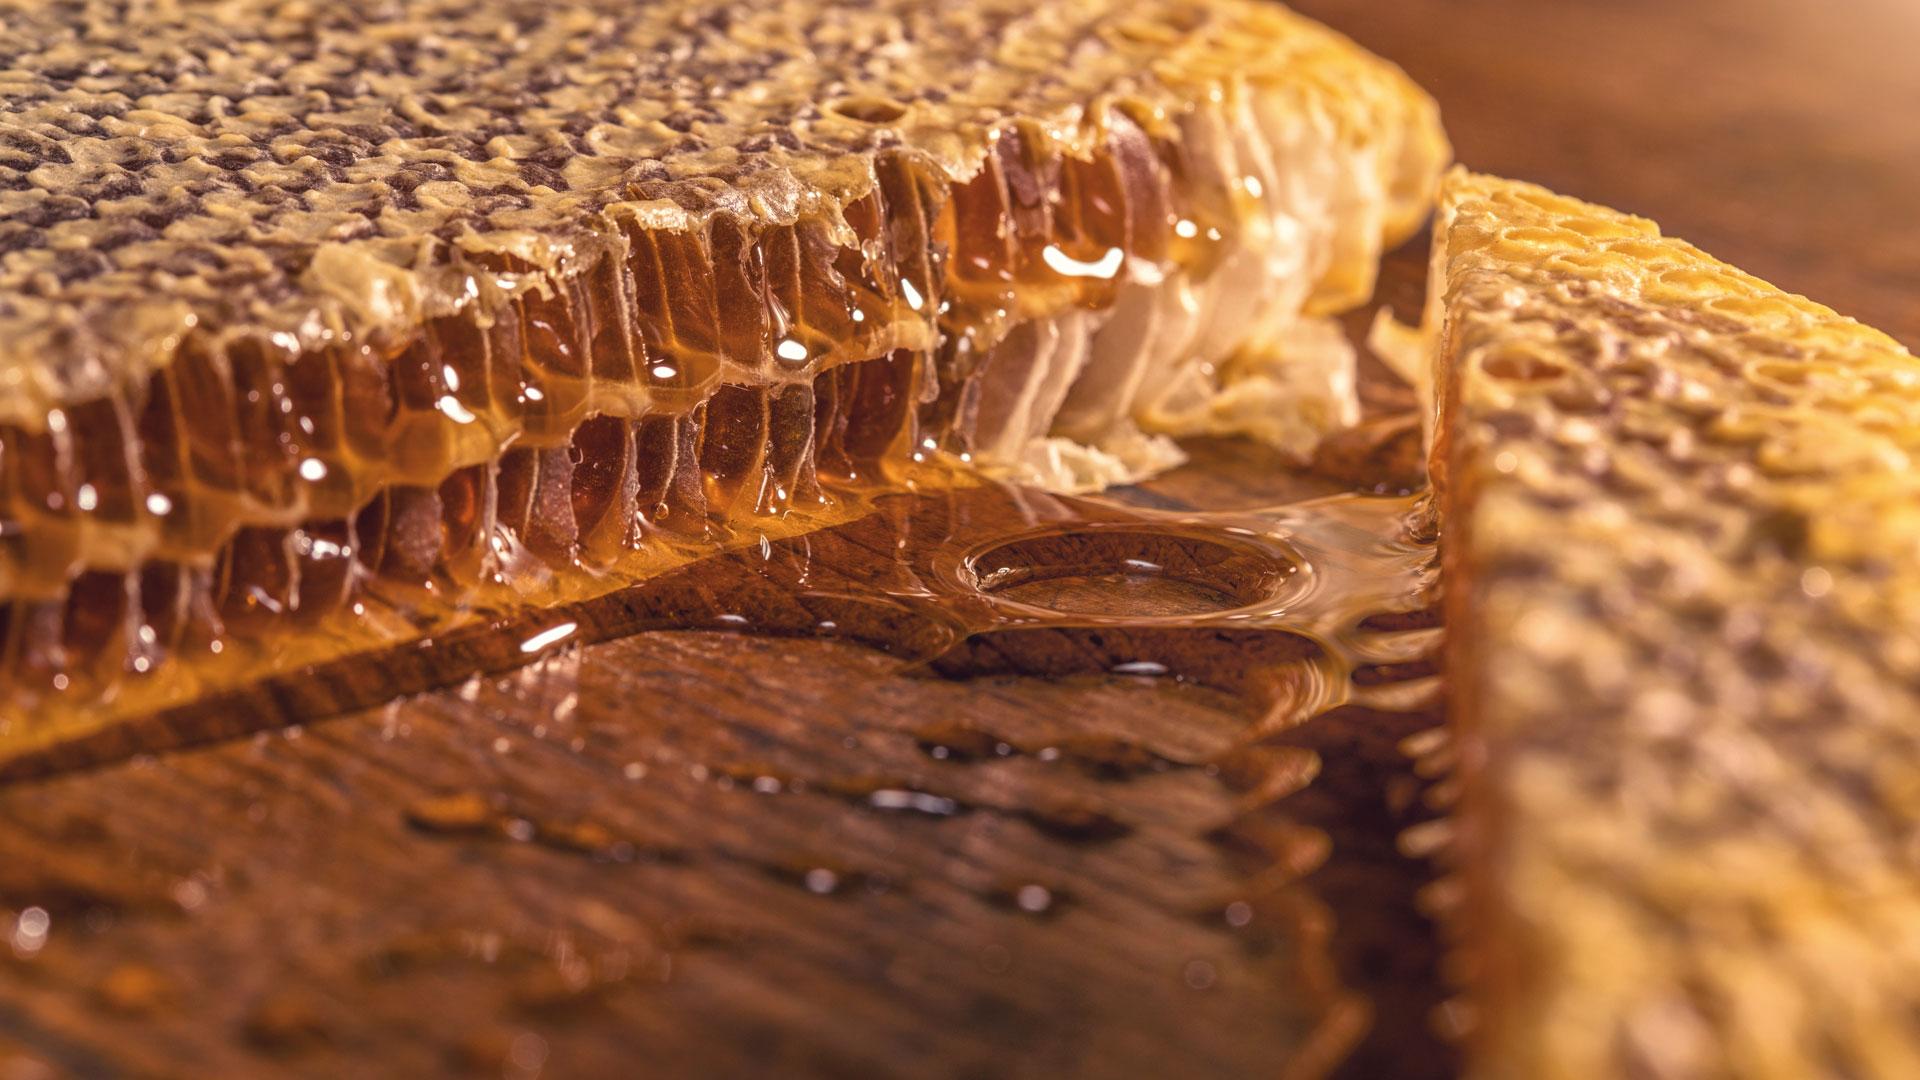 il-gusto-fatevobees-miele-in-favo-apicoltori-pino-fattori